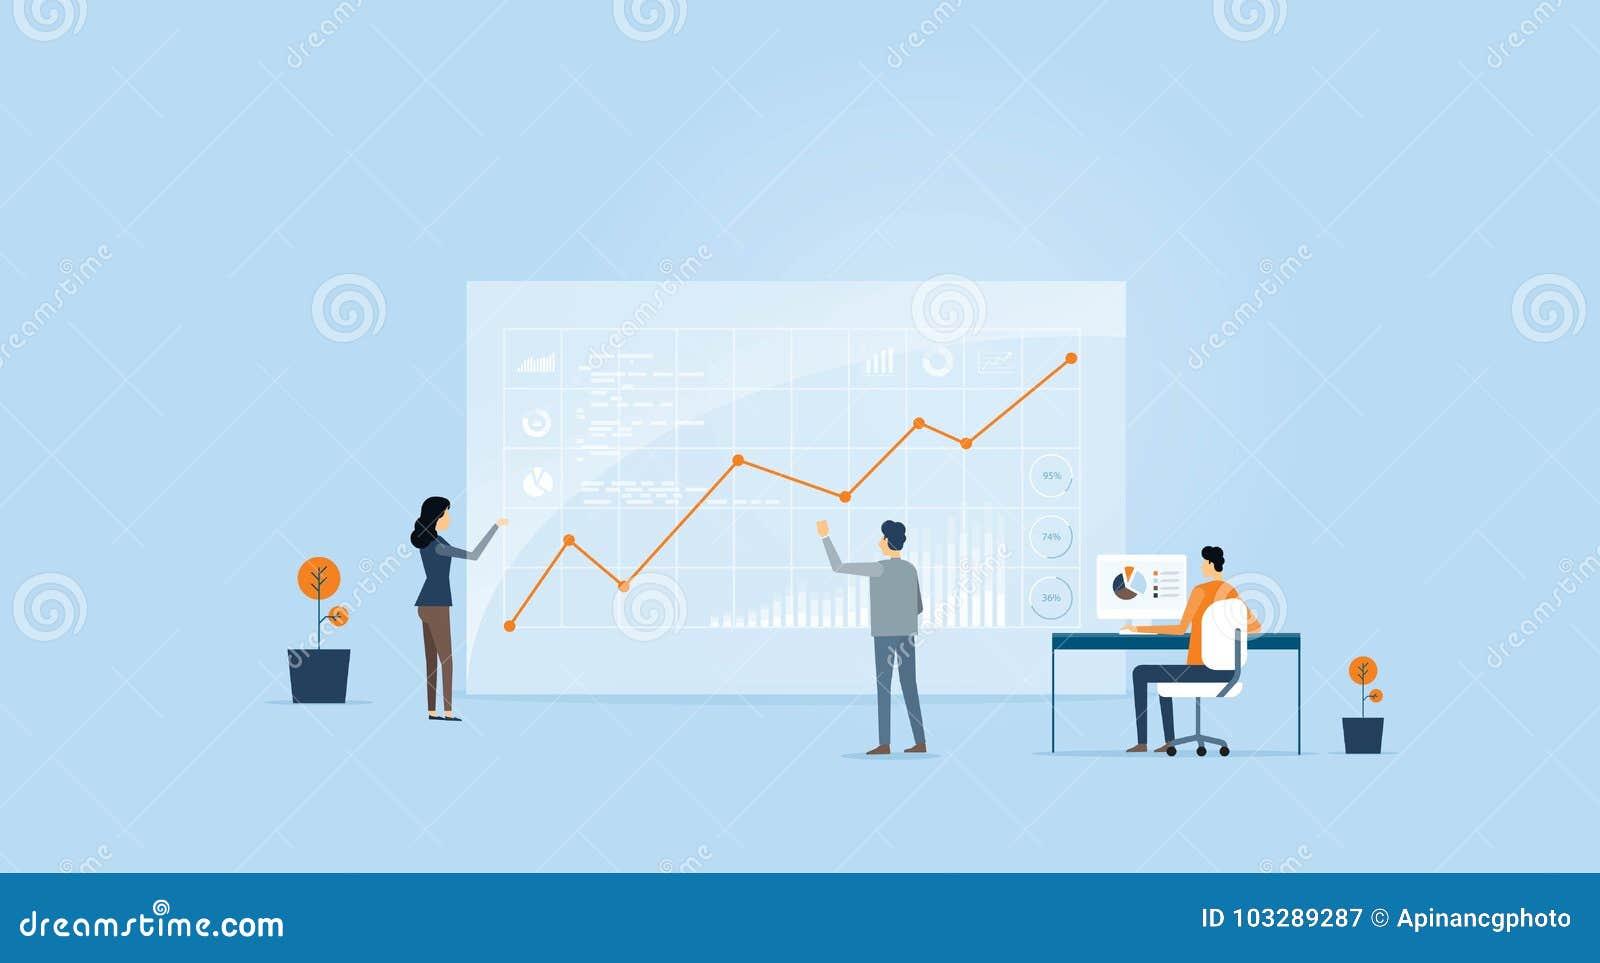 商人在显示器的逻辑分析方法图表